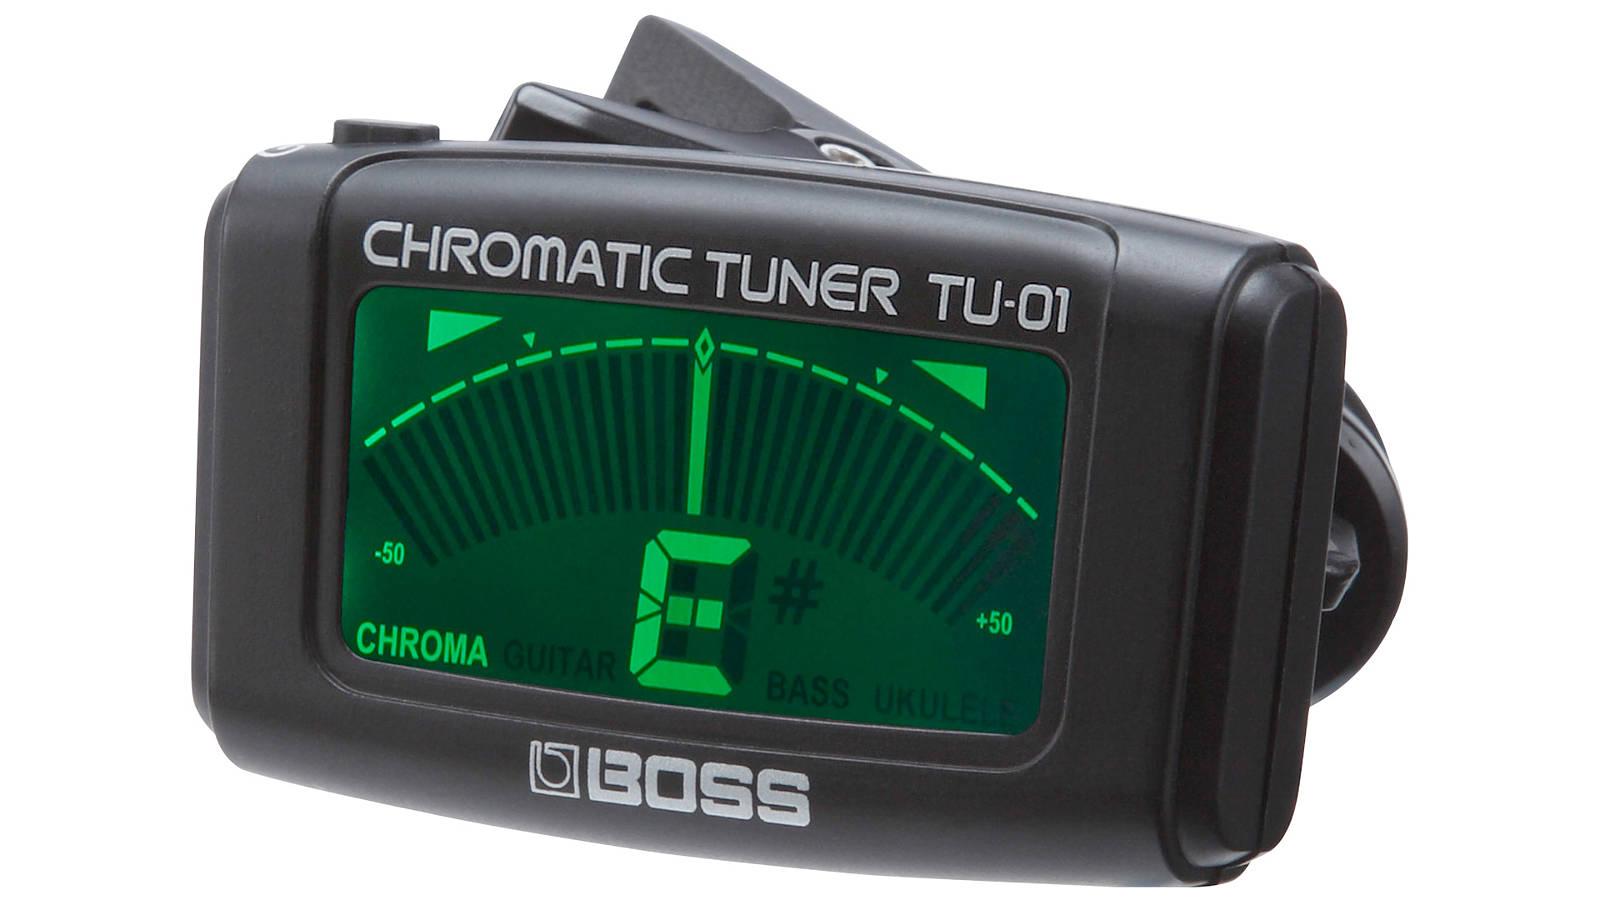 Boss TU-01 Chromatischer Clip Tuner